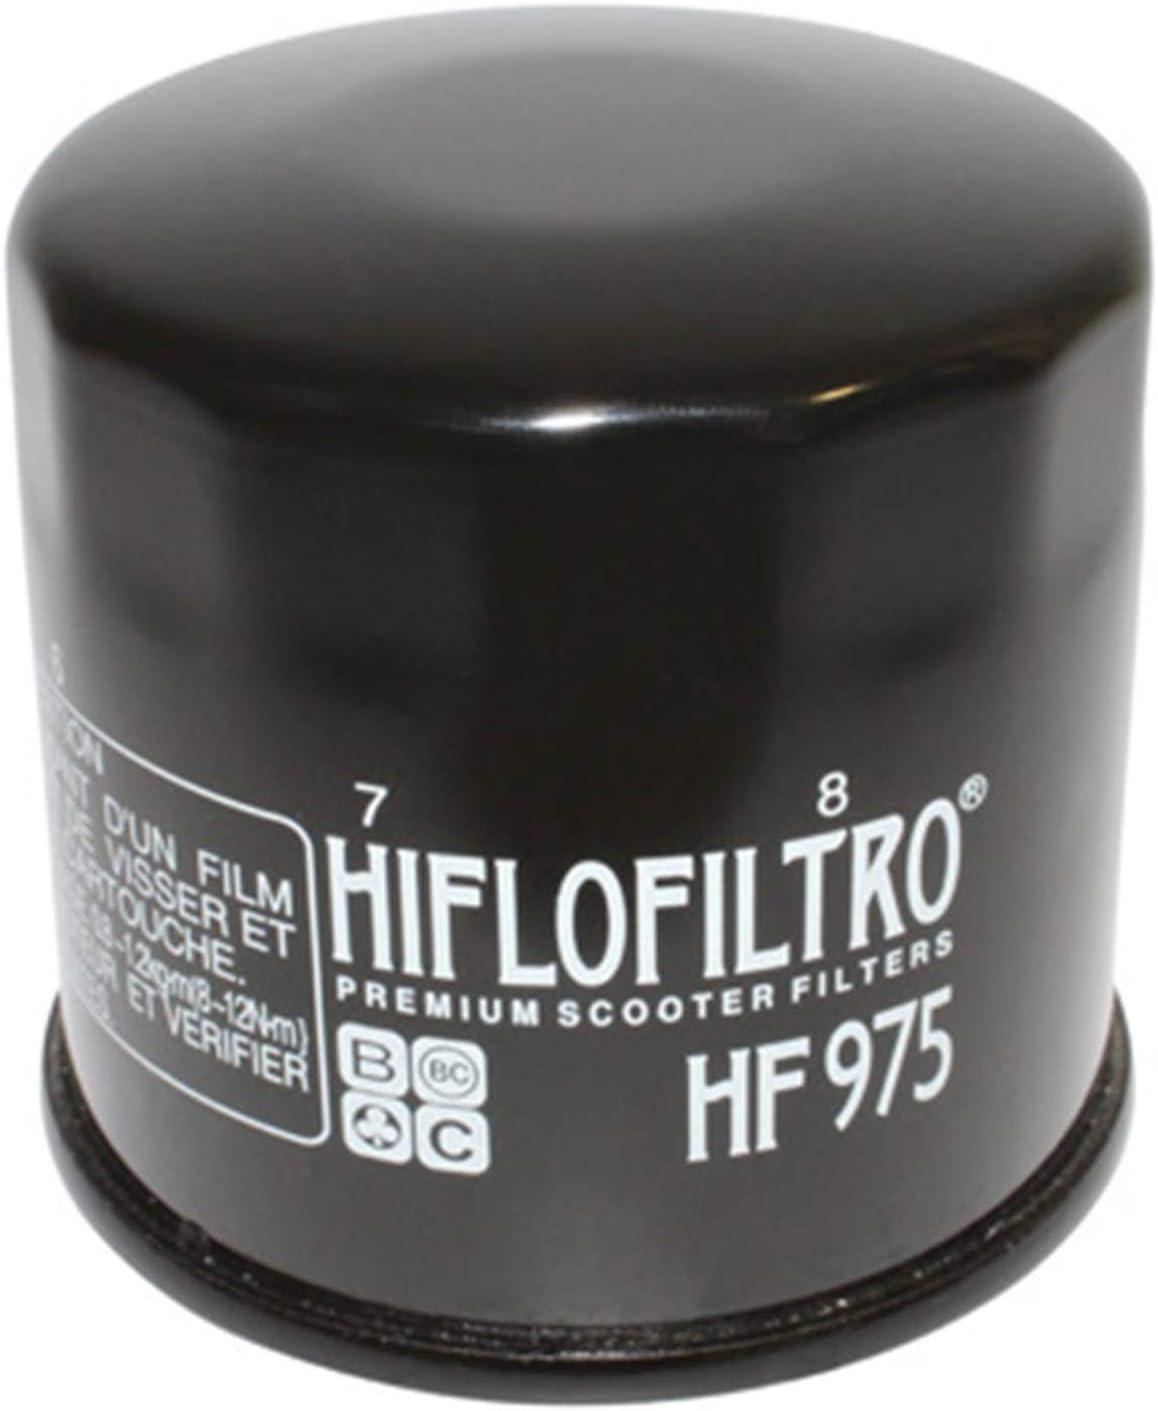 68x65mm FILTRE A HUILE HIFLOFILTRO POUR SUZUKI 650 BURGMAN 20032012 HF975